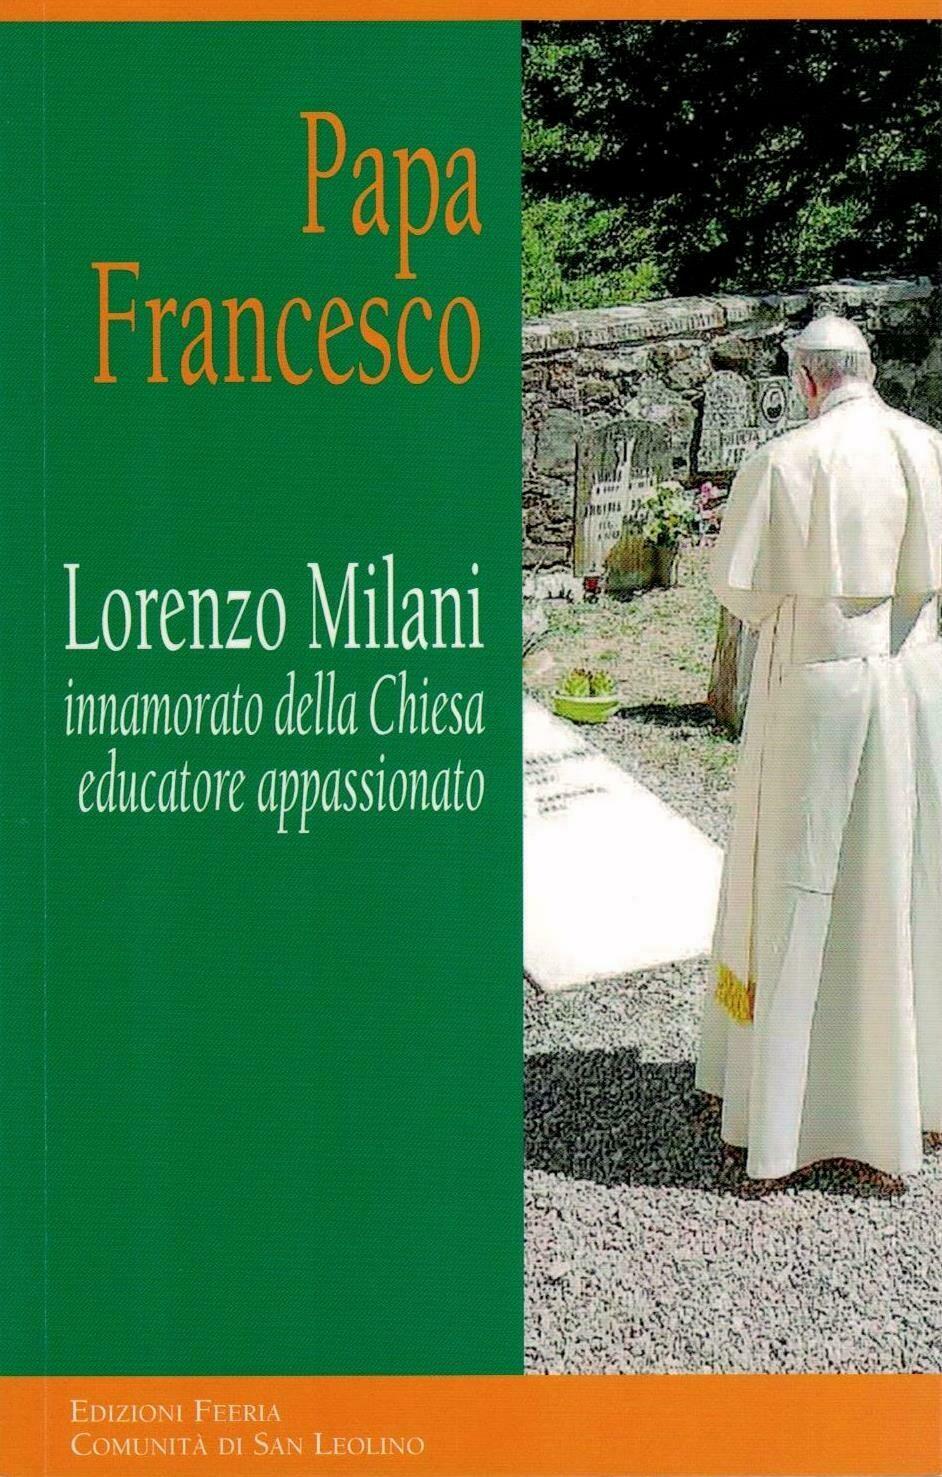 Lorenzo Milani - Innamorato della Chiesa educatore appassionato (Papa Francesco)